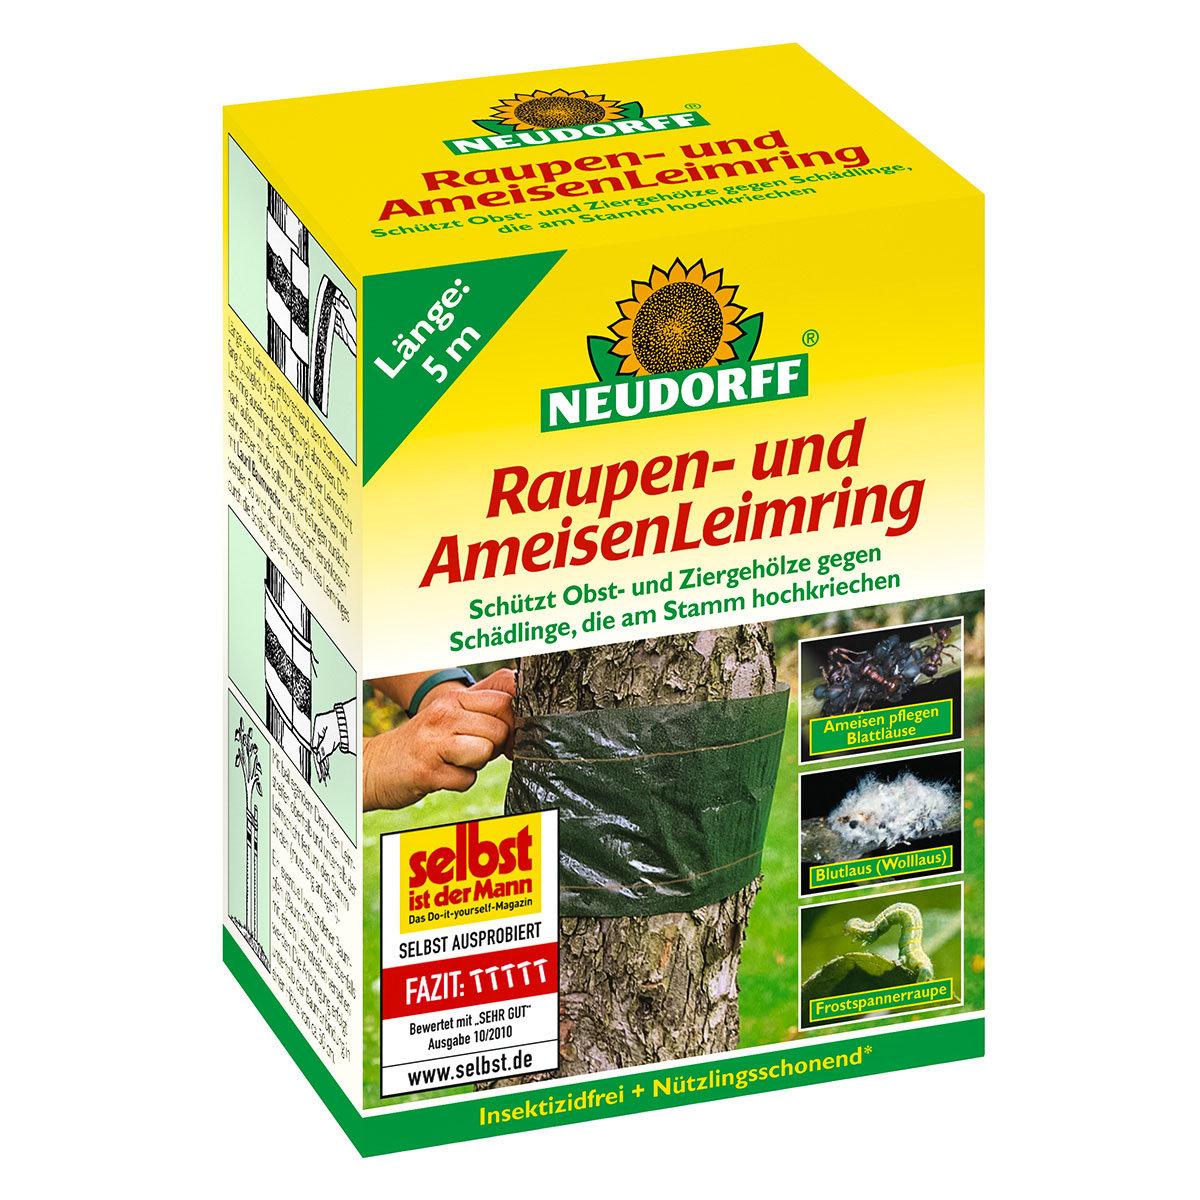 Neudorff Raupen- und AmeisenLeimring, 5 m